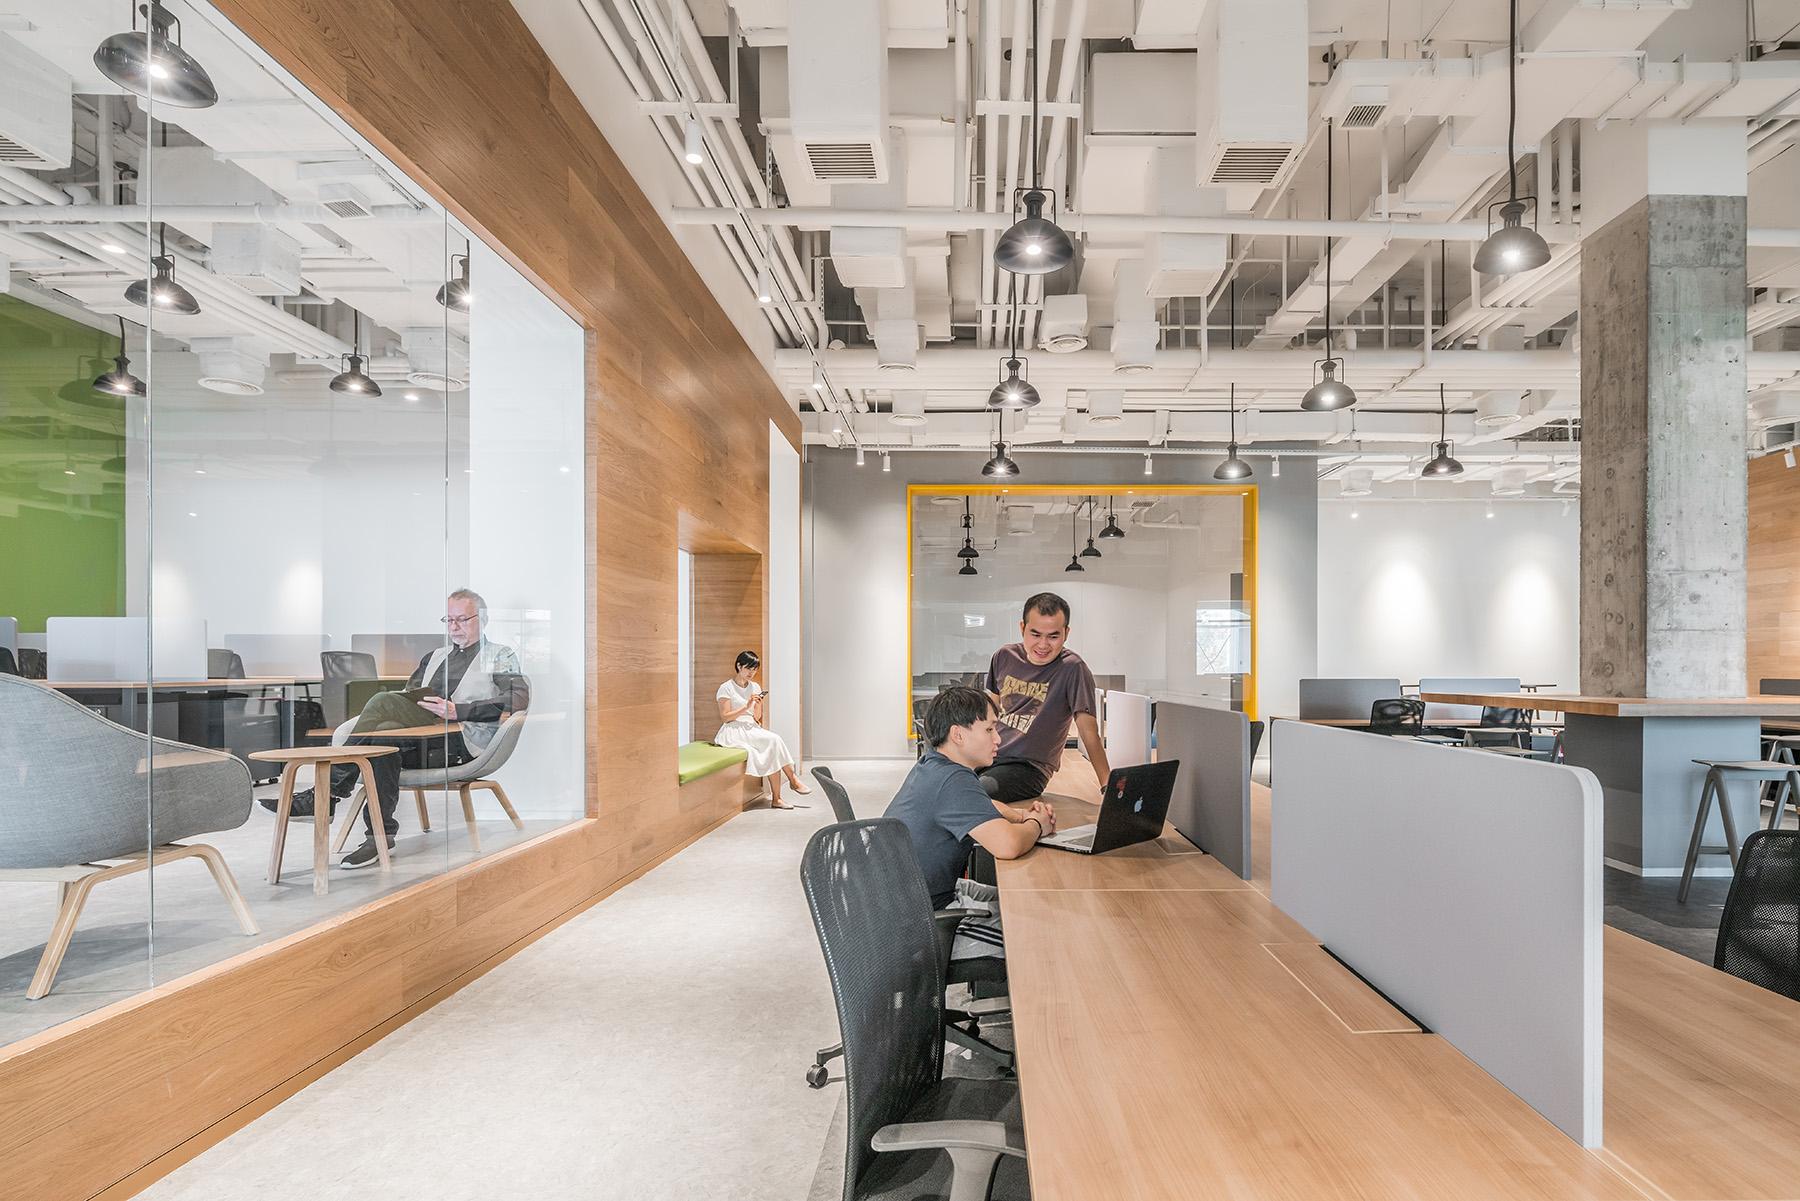 拒绝枯燥乏味!打造全新办公空间,给你家的温暖!|Gensler - 7